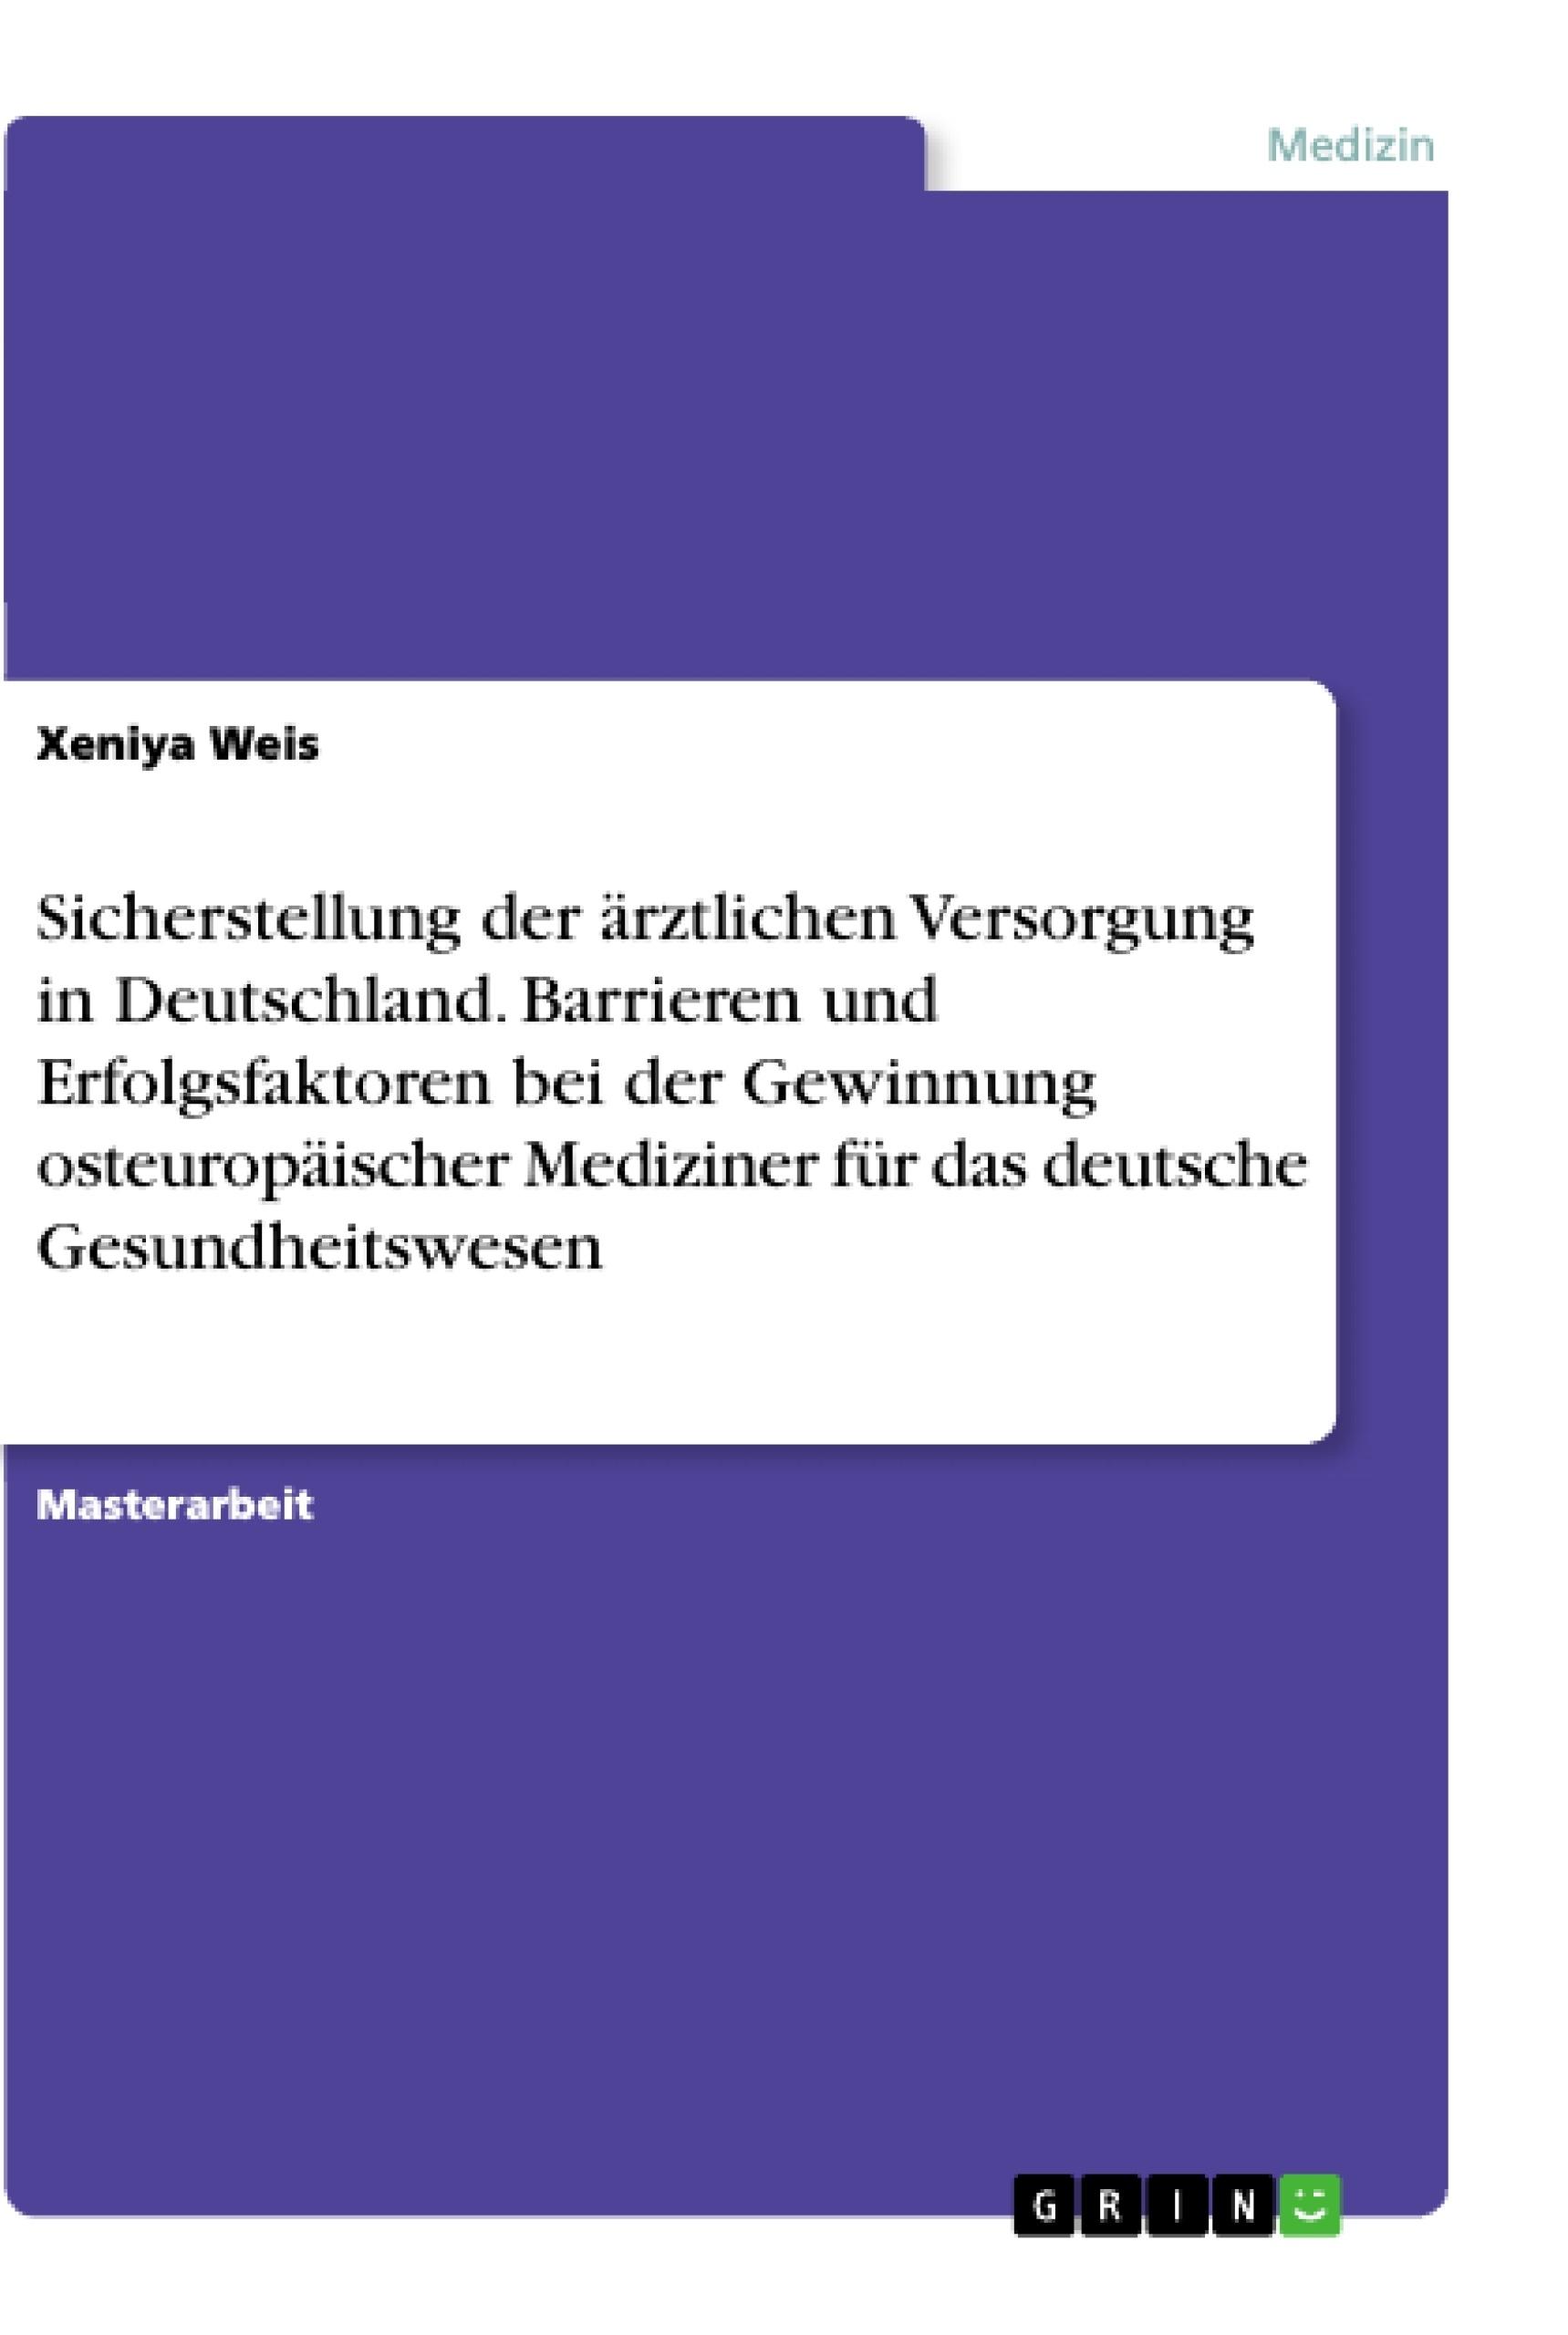 Titel: Sicherstellung der ärztlichen Versorgung in Deutschland. Barrieren und Erfolgsfaktoren bei der  Gewinnung osteuropäischer Mediziner für das deutsche Gesundheitswesen